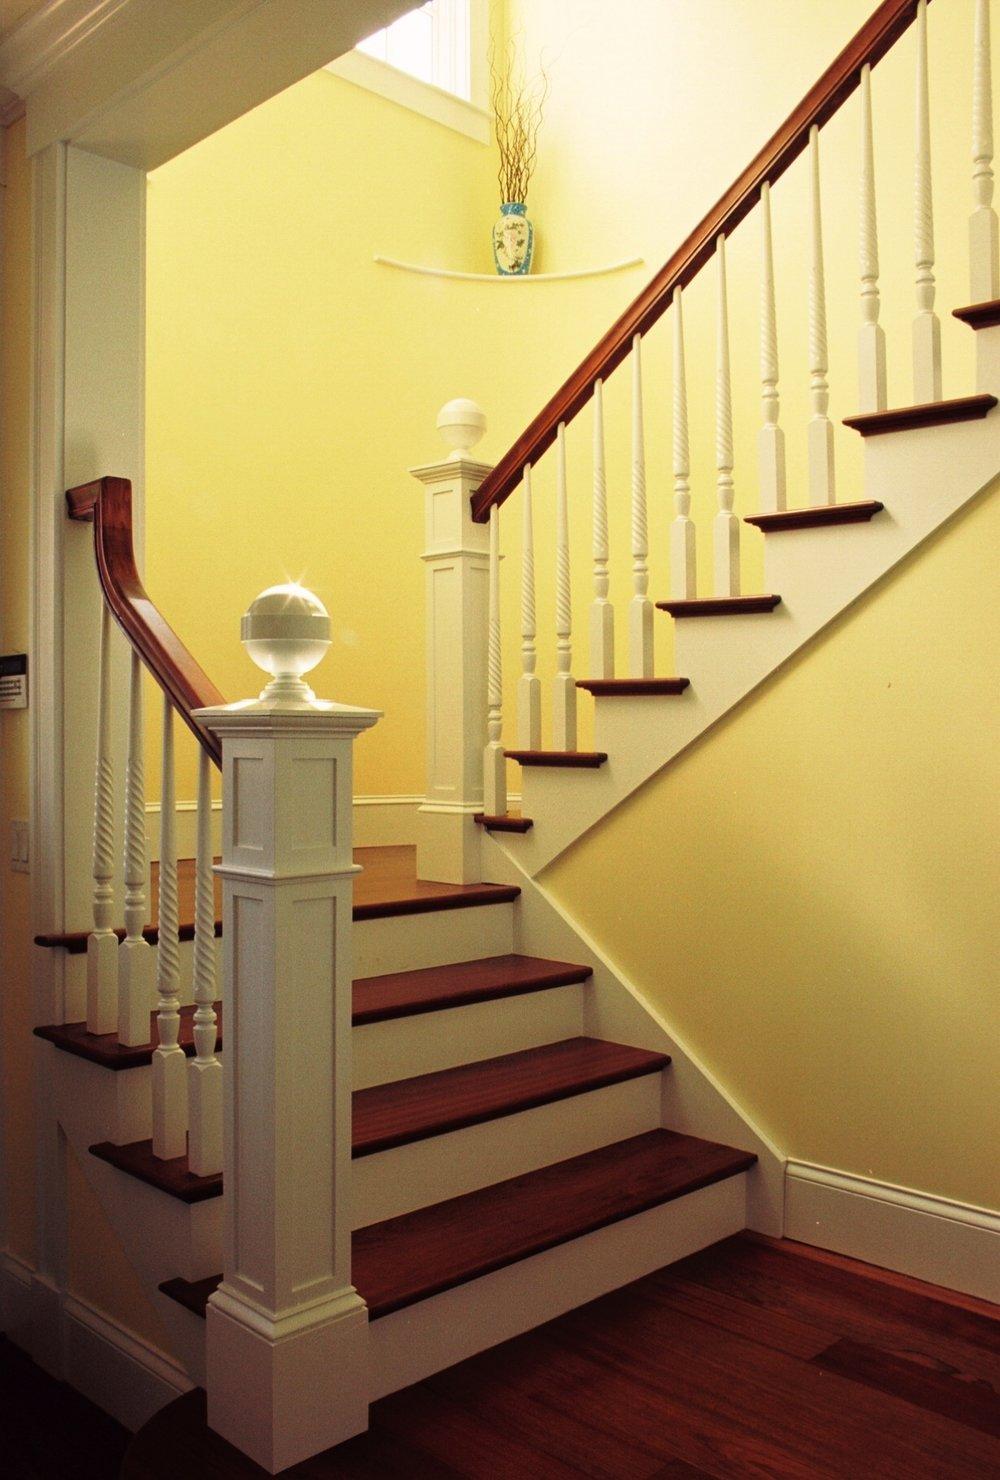 Robertson-Stair.jpg